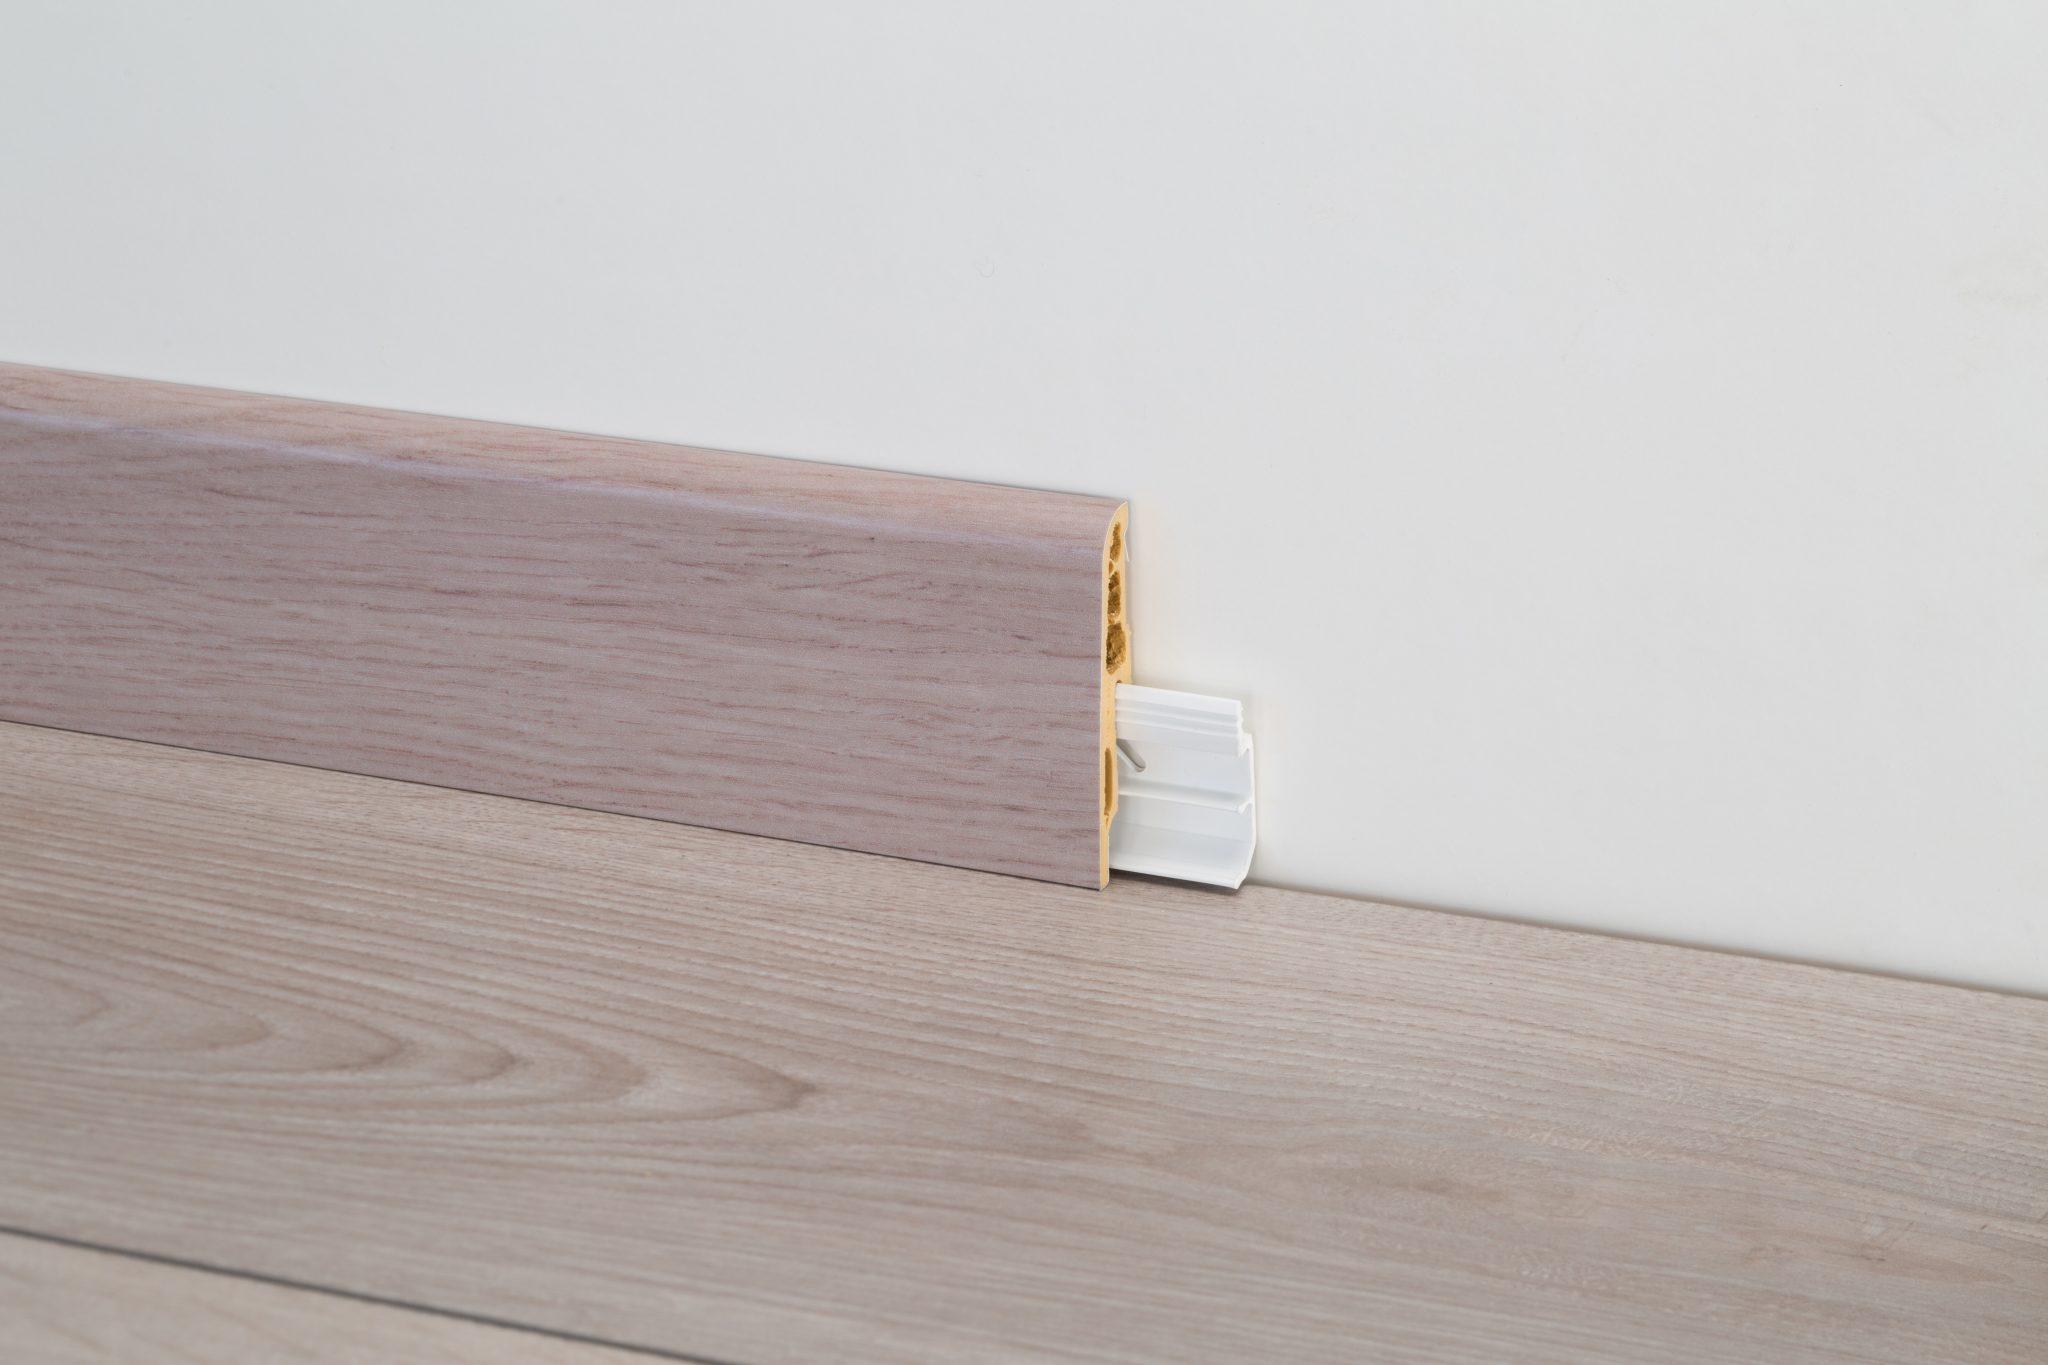 Battiscopa pvc altezza cm effetto legno bianco nero